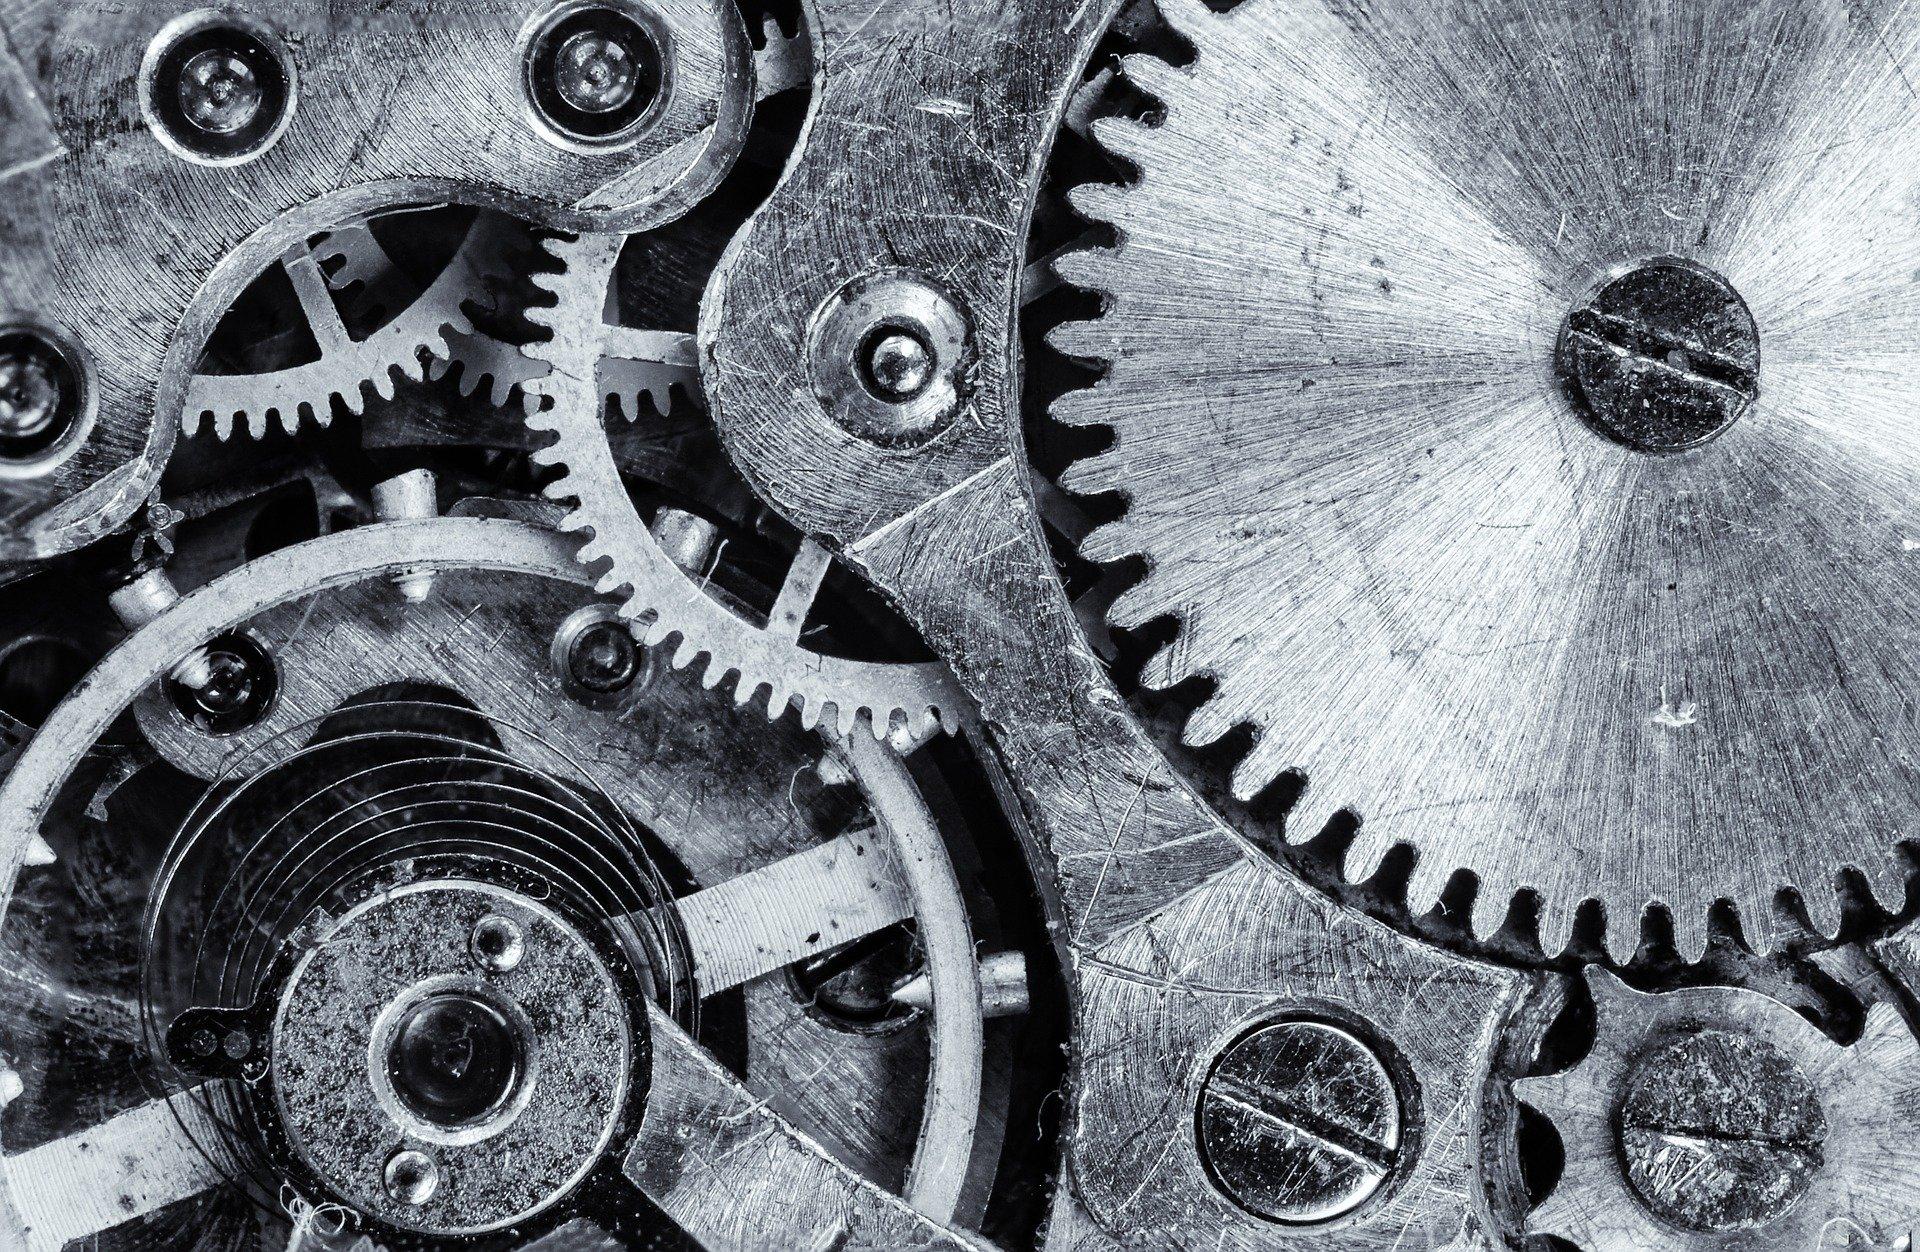 Базовые подходы управления надежностью и критичностью оборудования по методике RCM февраль 2020